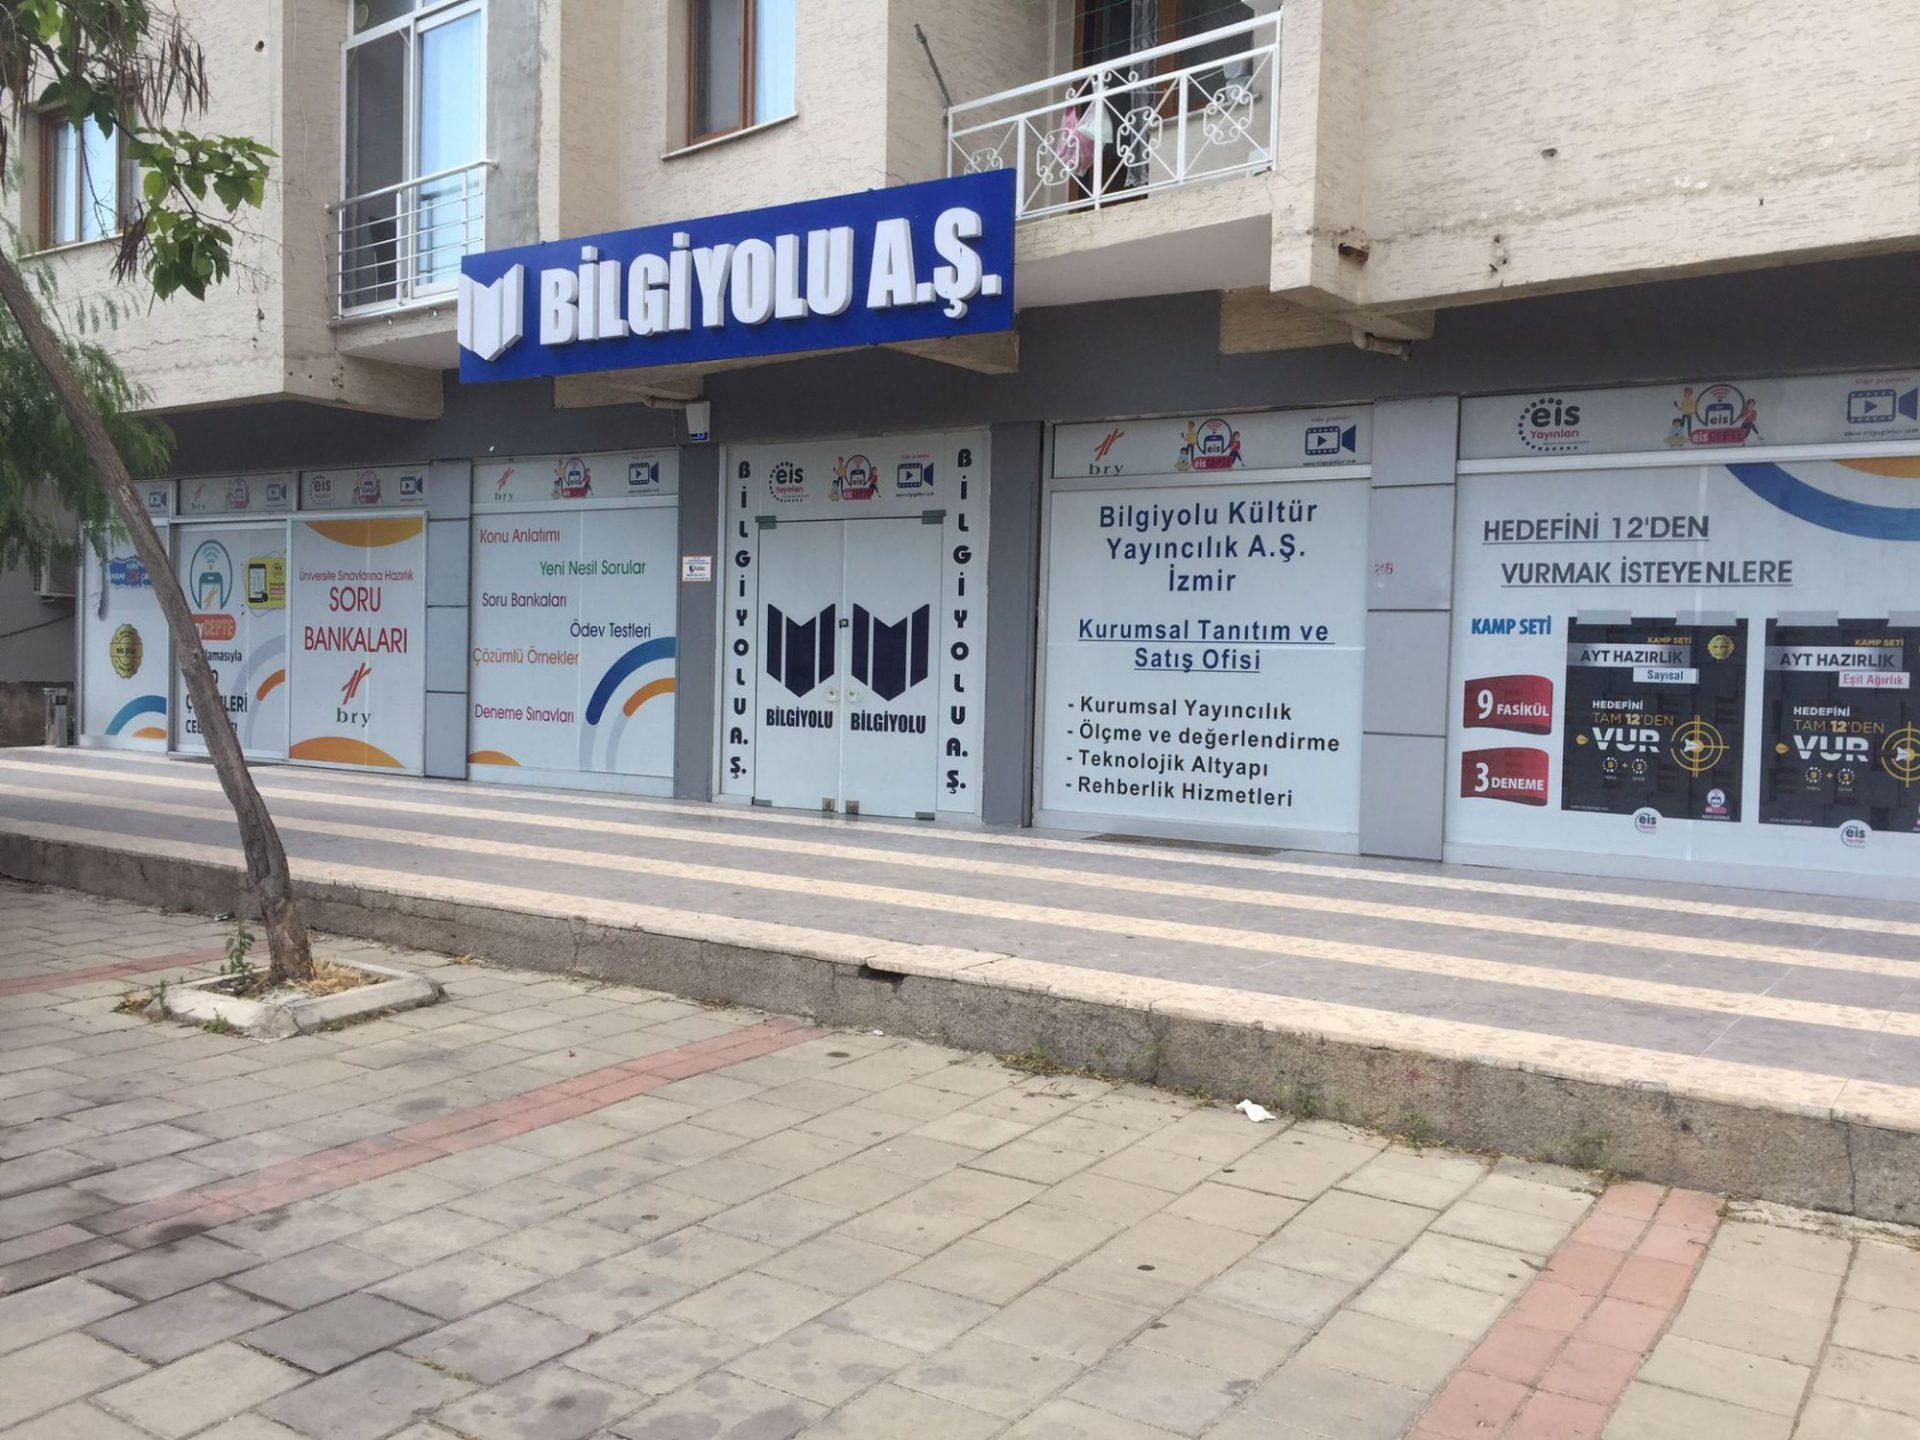 İzmir Bilgiyolu 1